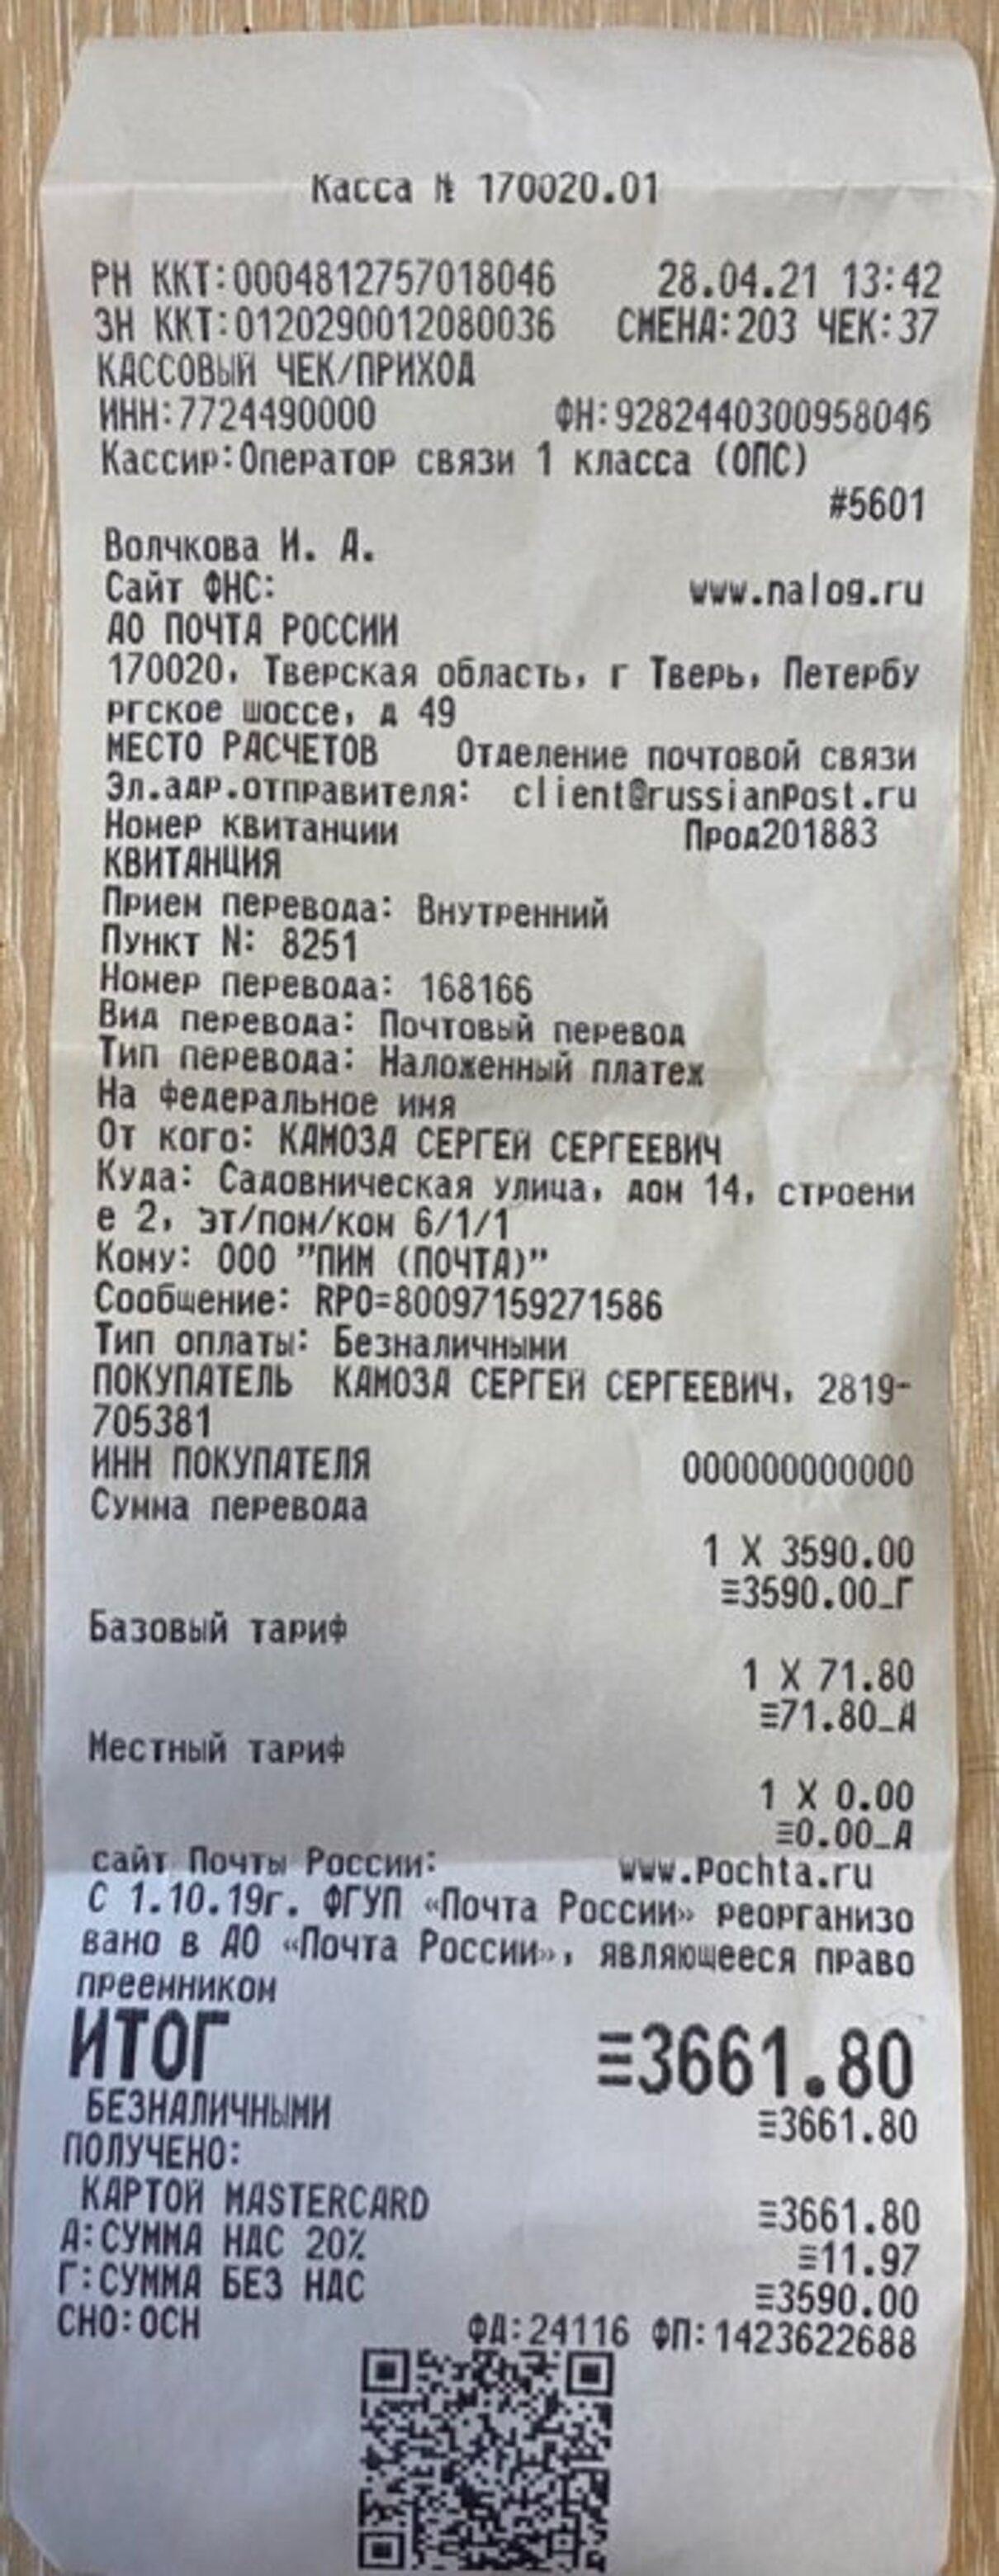 Жалоба-отзыв: Видеорегистратор с GPS навигатором junsun, реклама на сайте в WK junsun24shop.ru - Поступил не тот товар.  Фото №4